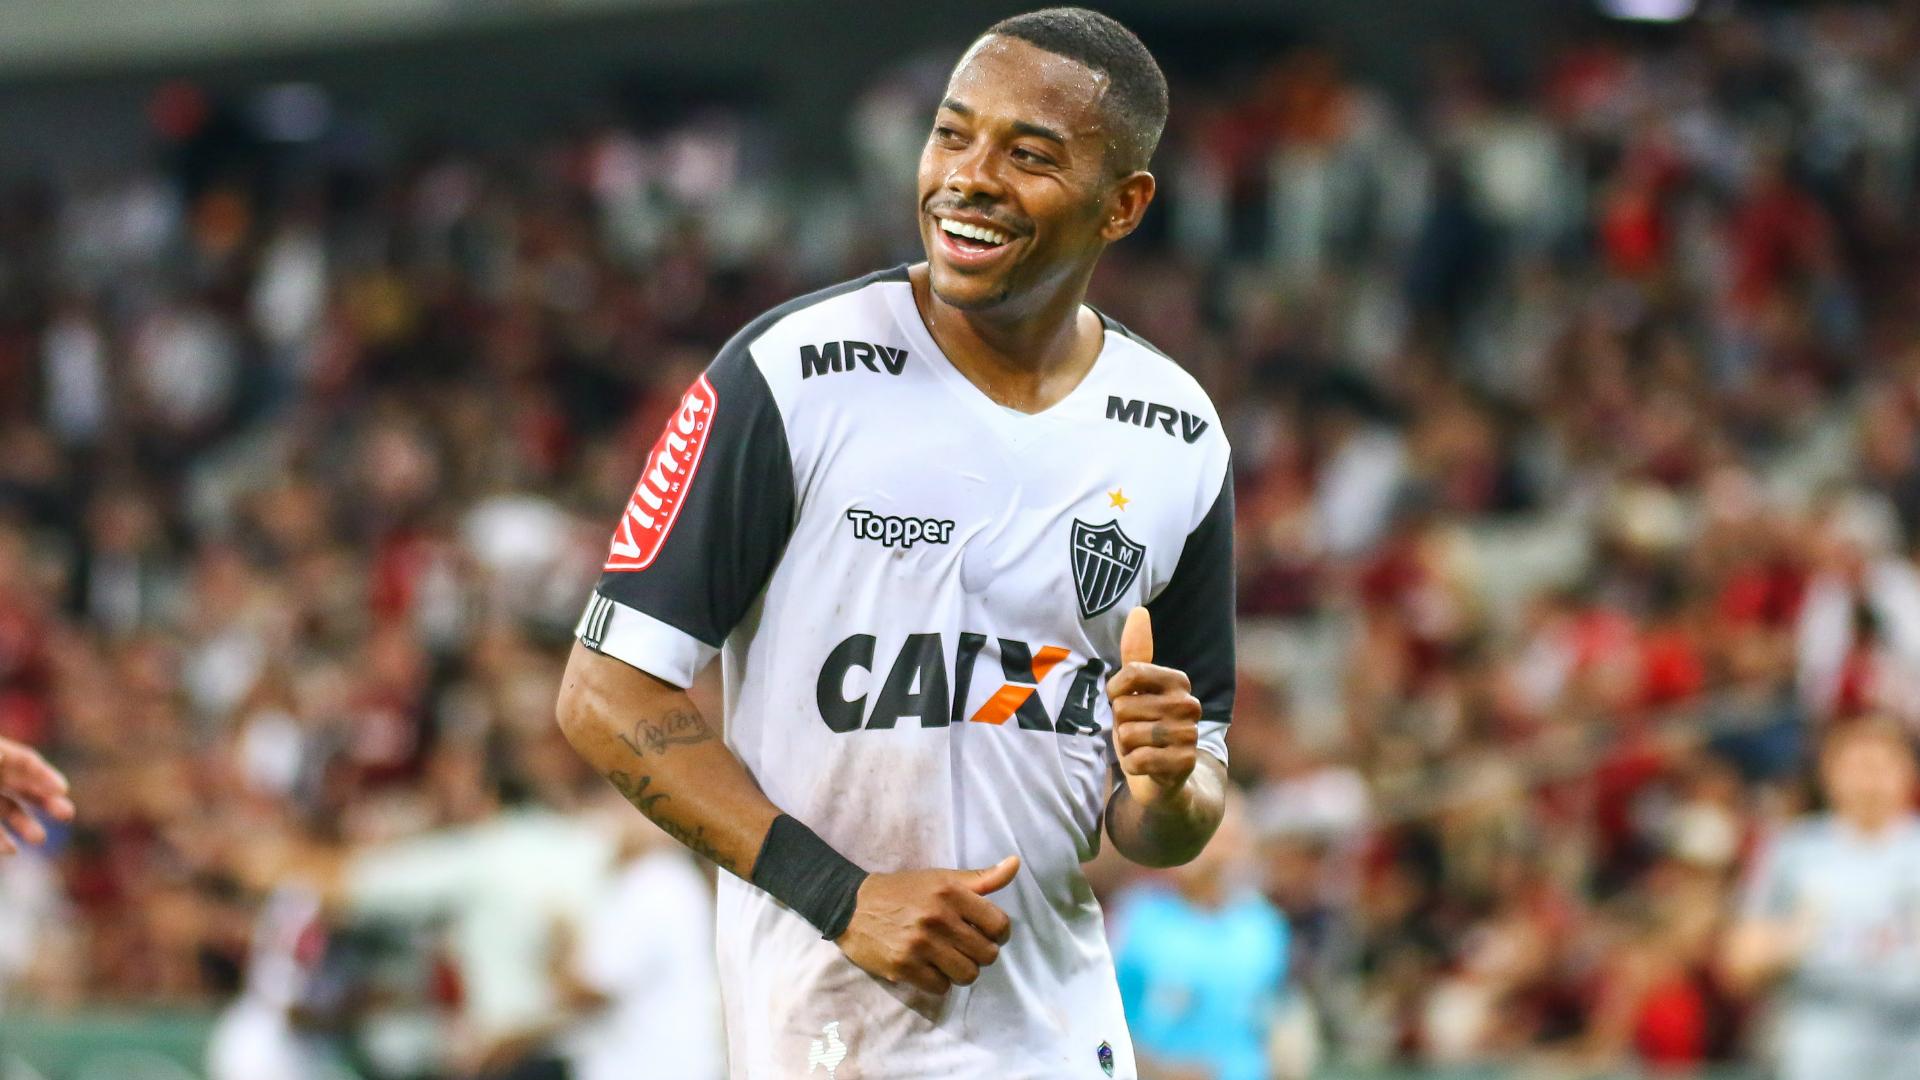 Robinho topa redu§£o salarial para ficar no Atlético MG Mas vale